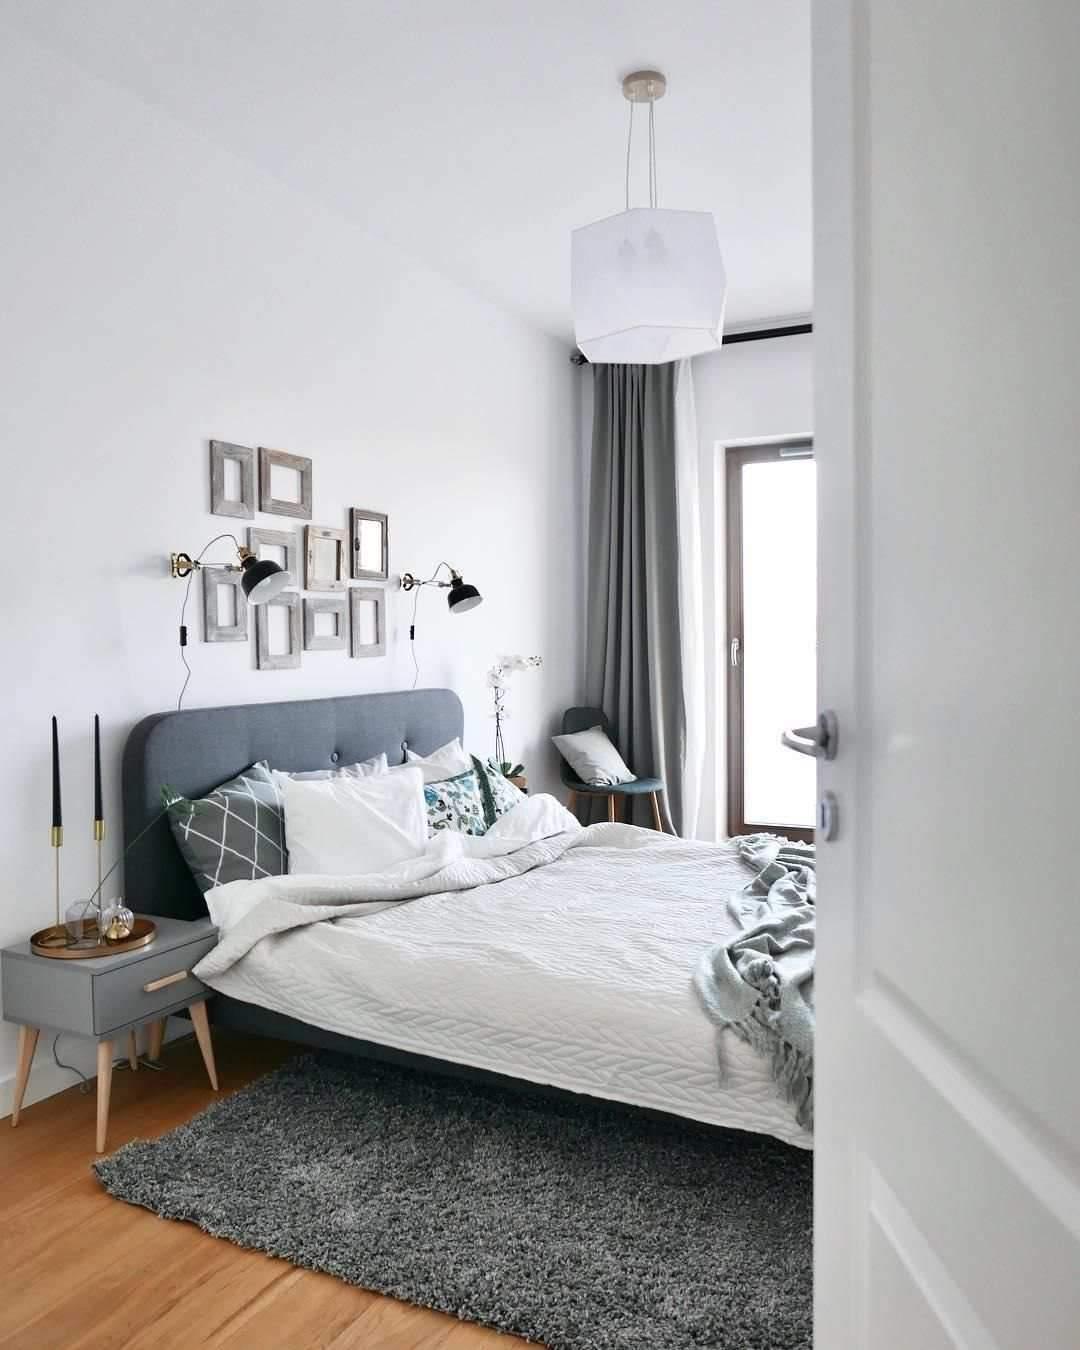 wanddeko fur wohnzimmer schon 45 beste von wanddeko fur wohnzimmer design of wanddeko fur wohnzimmer